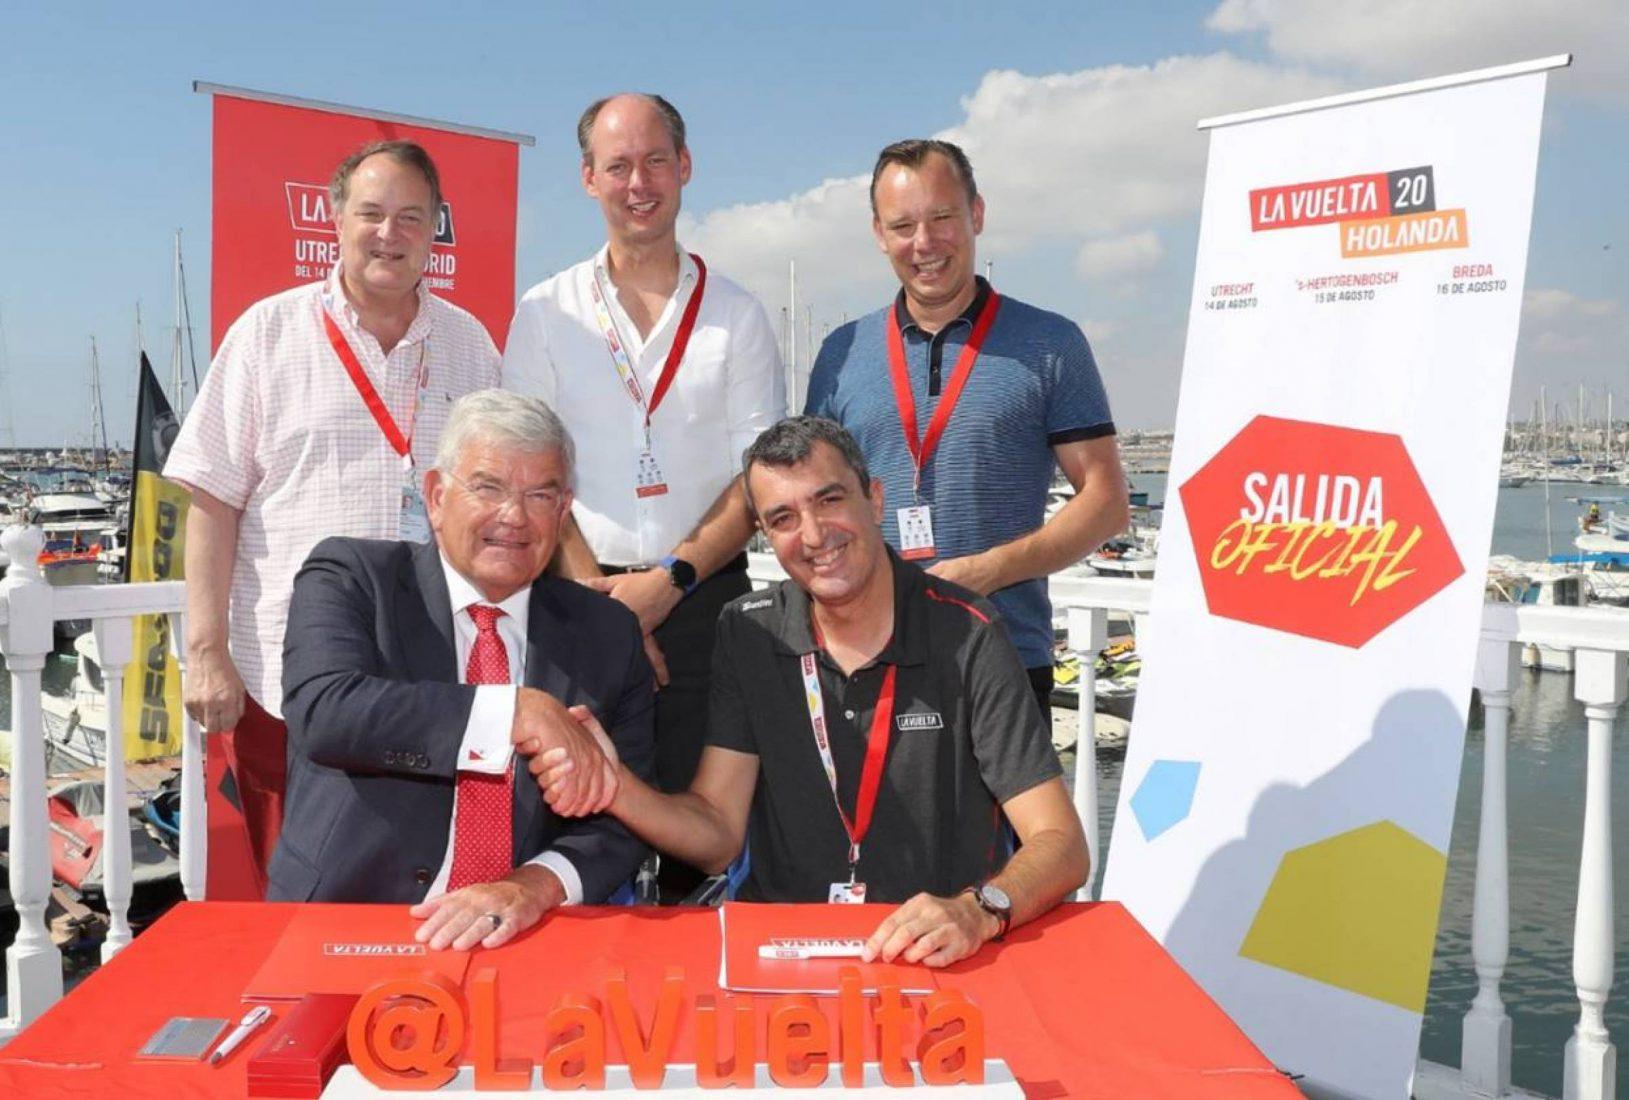 La Vuelta non partirà dai Paesi-Bassi